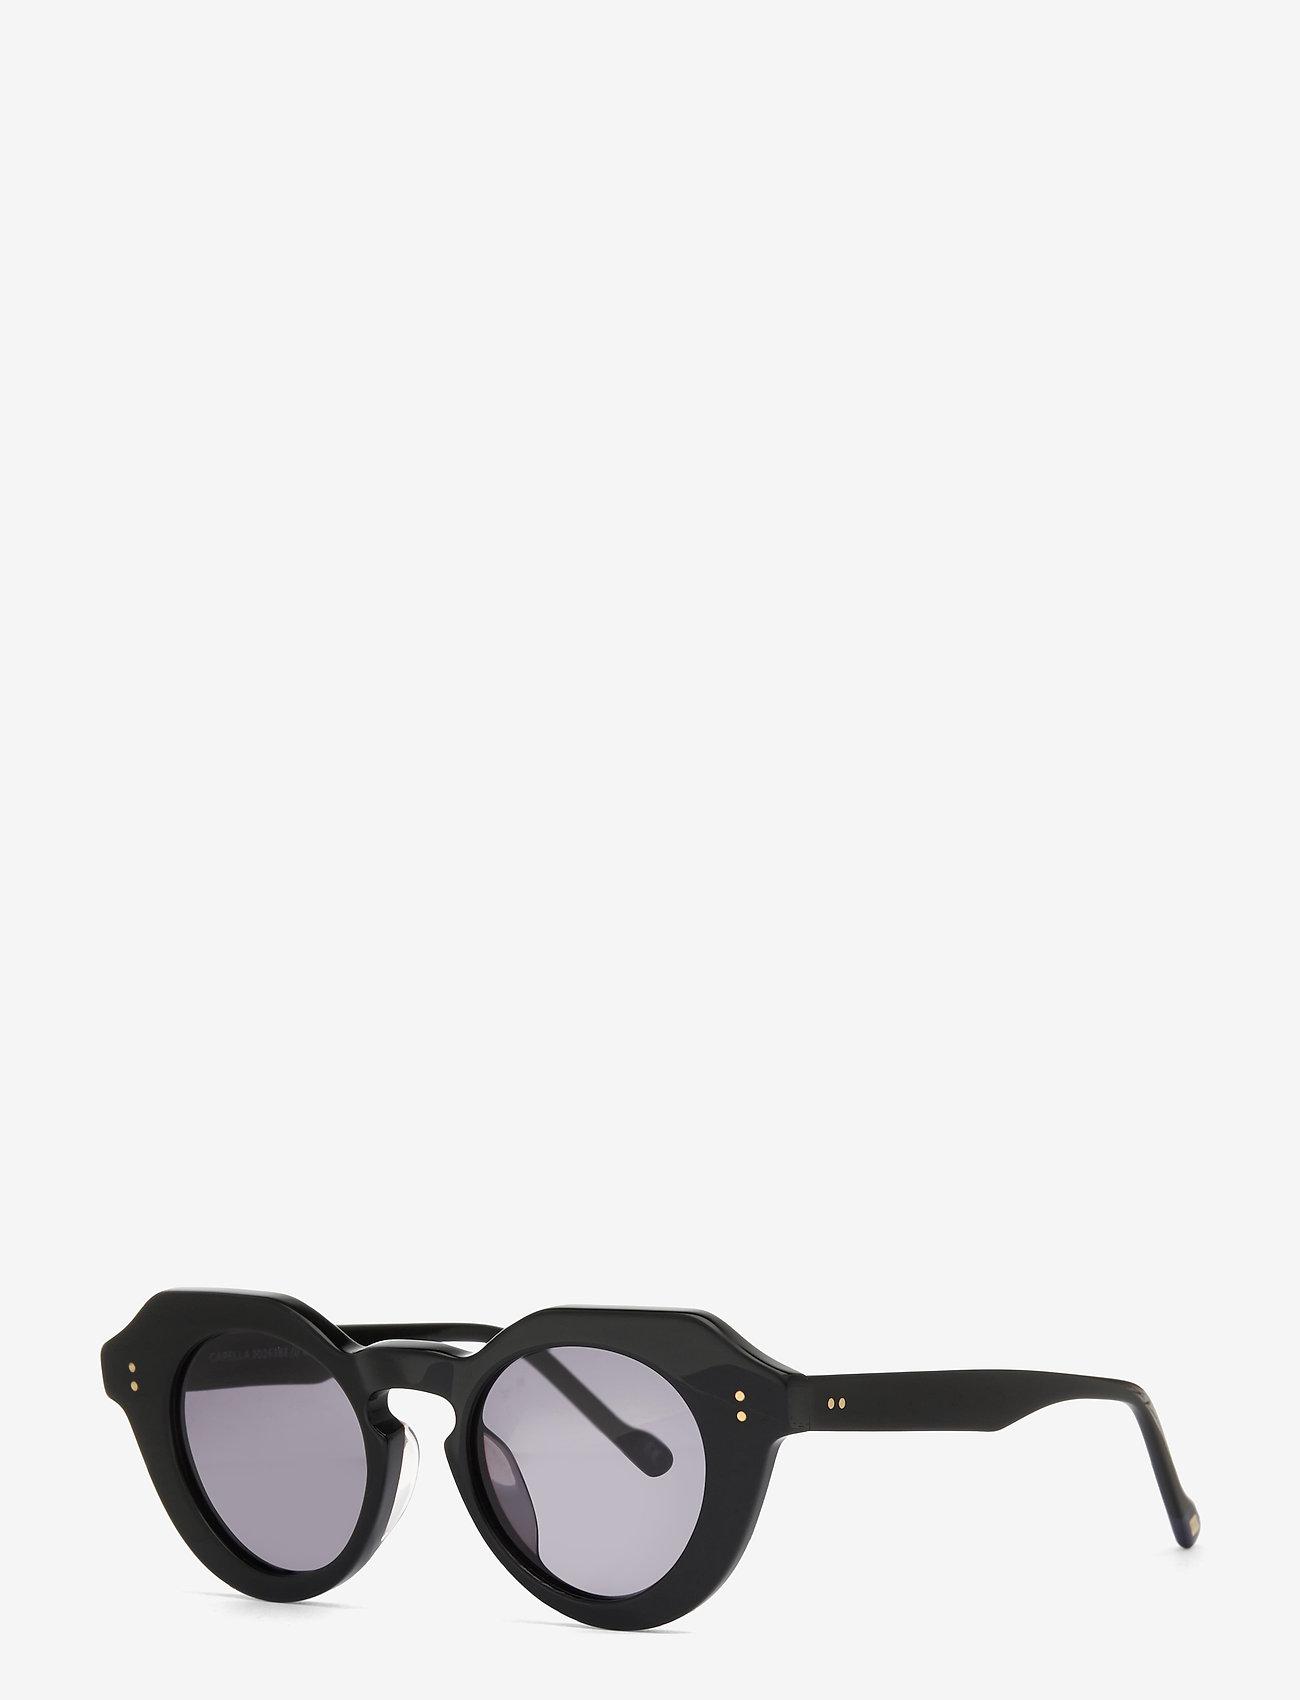 Le Specs - LE SPECS HANDMADE/RX - CAPELLA - rond model - black w/ smoke mono - 1